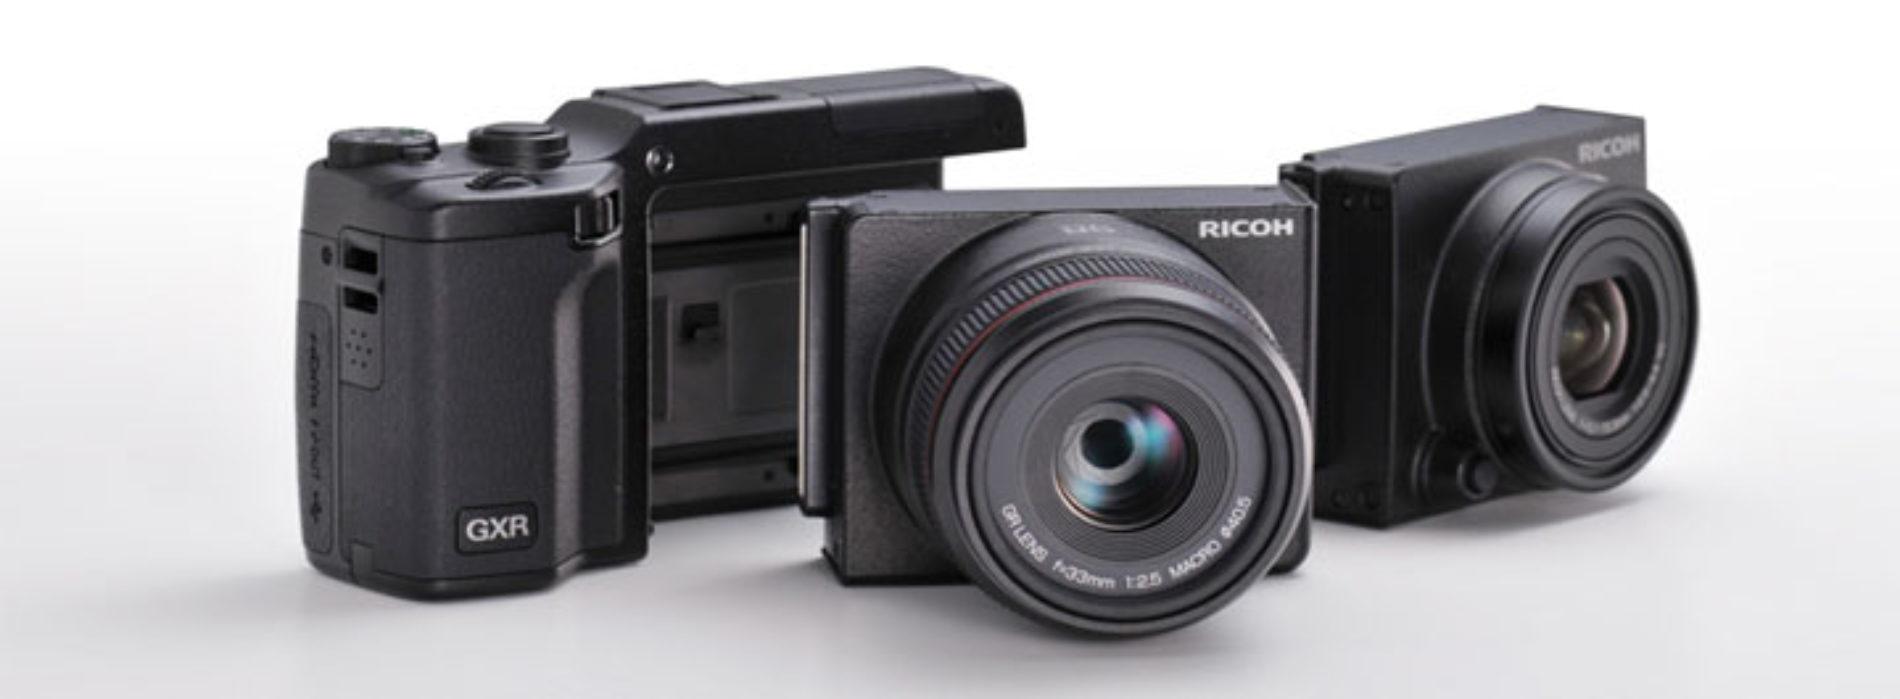 Ремонт цифровых фотоаппаратов Ricoh